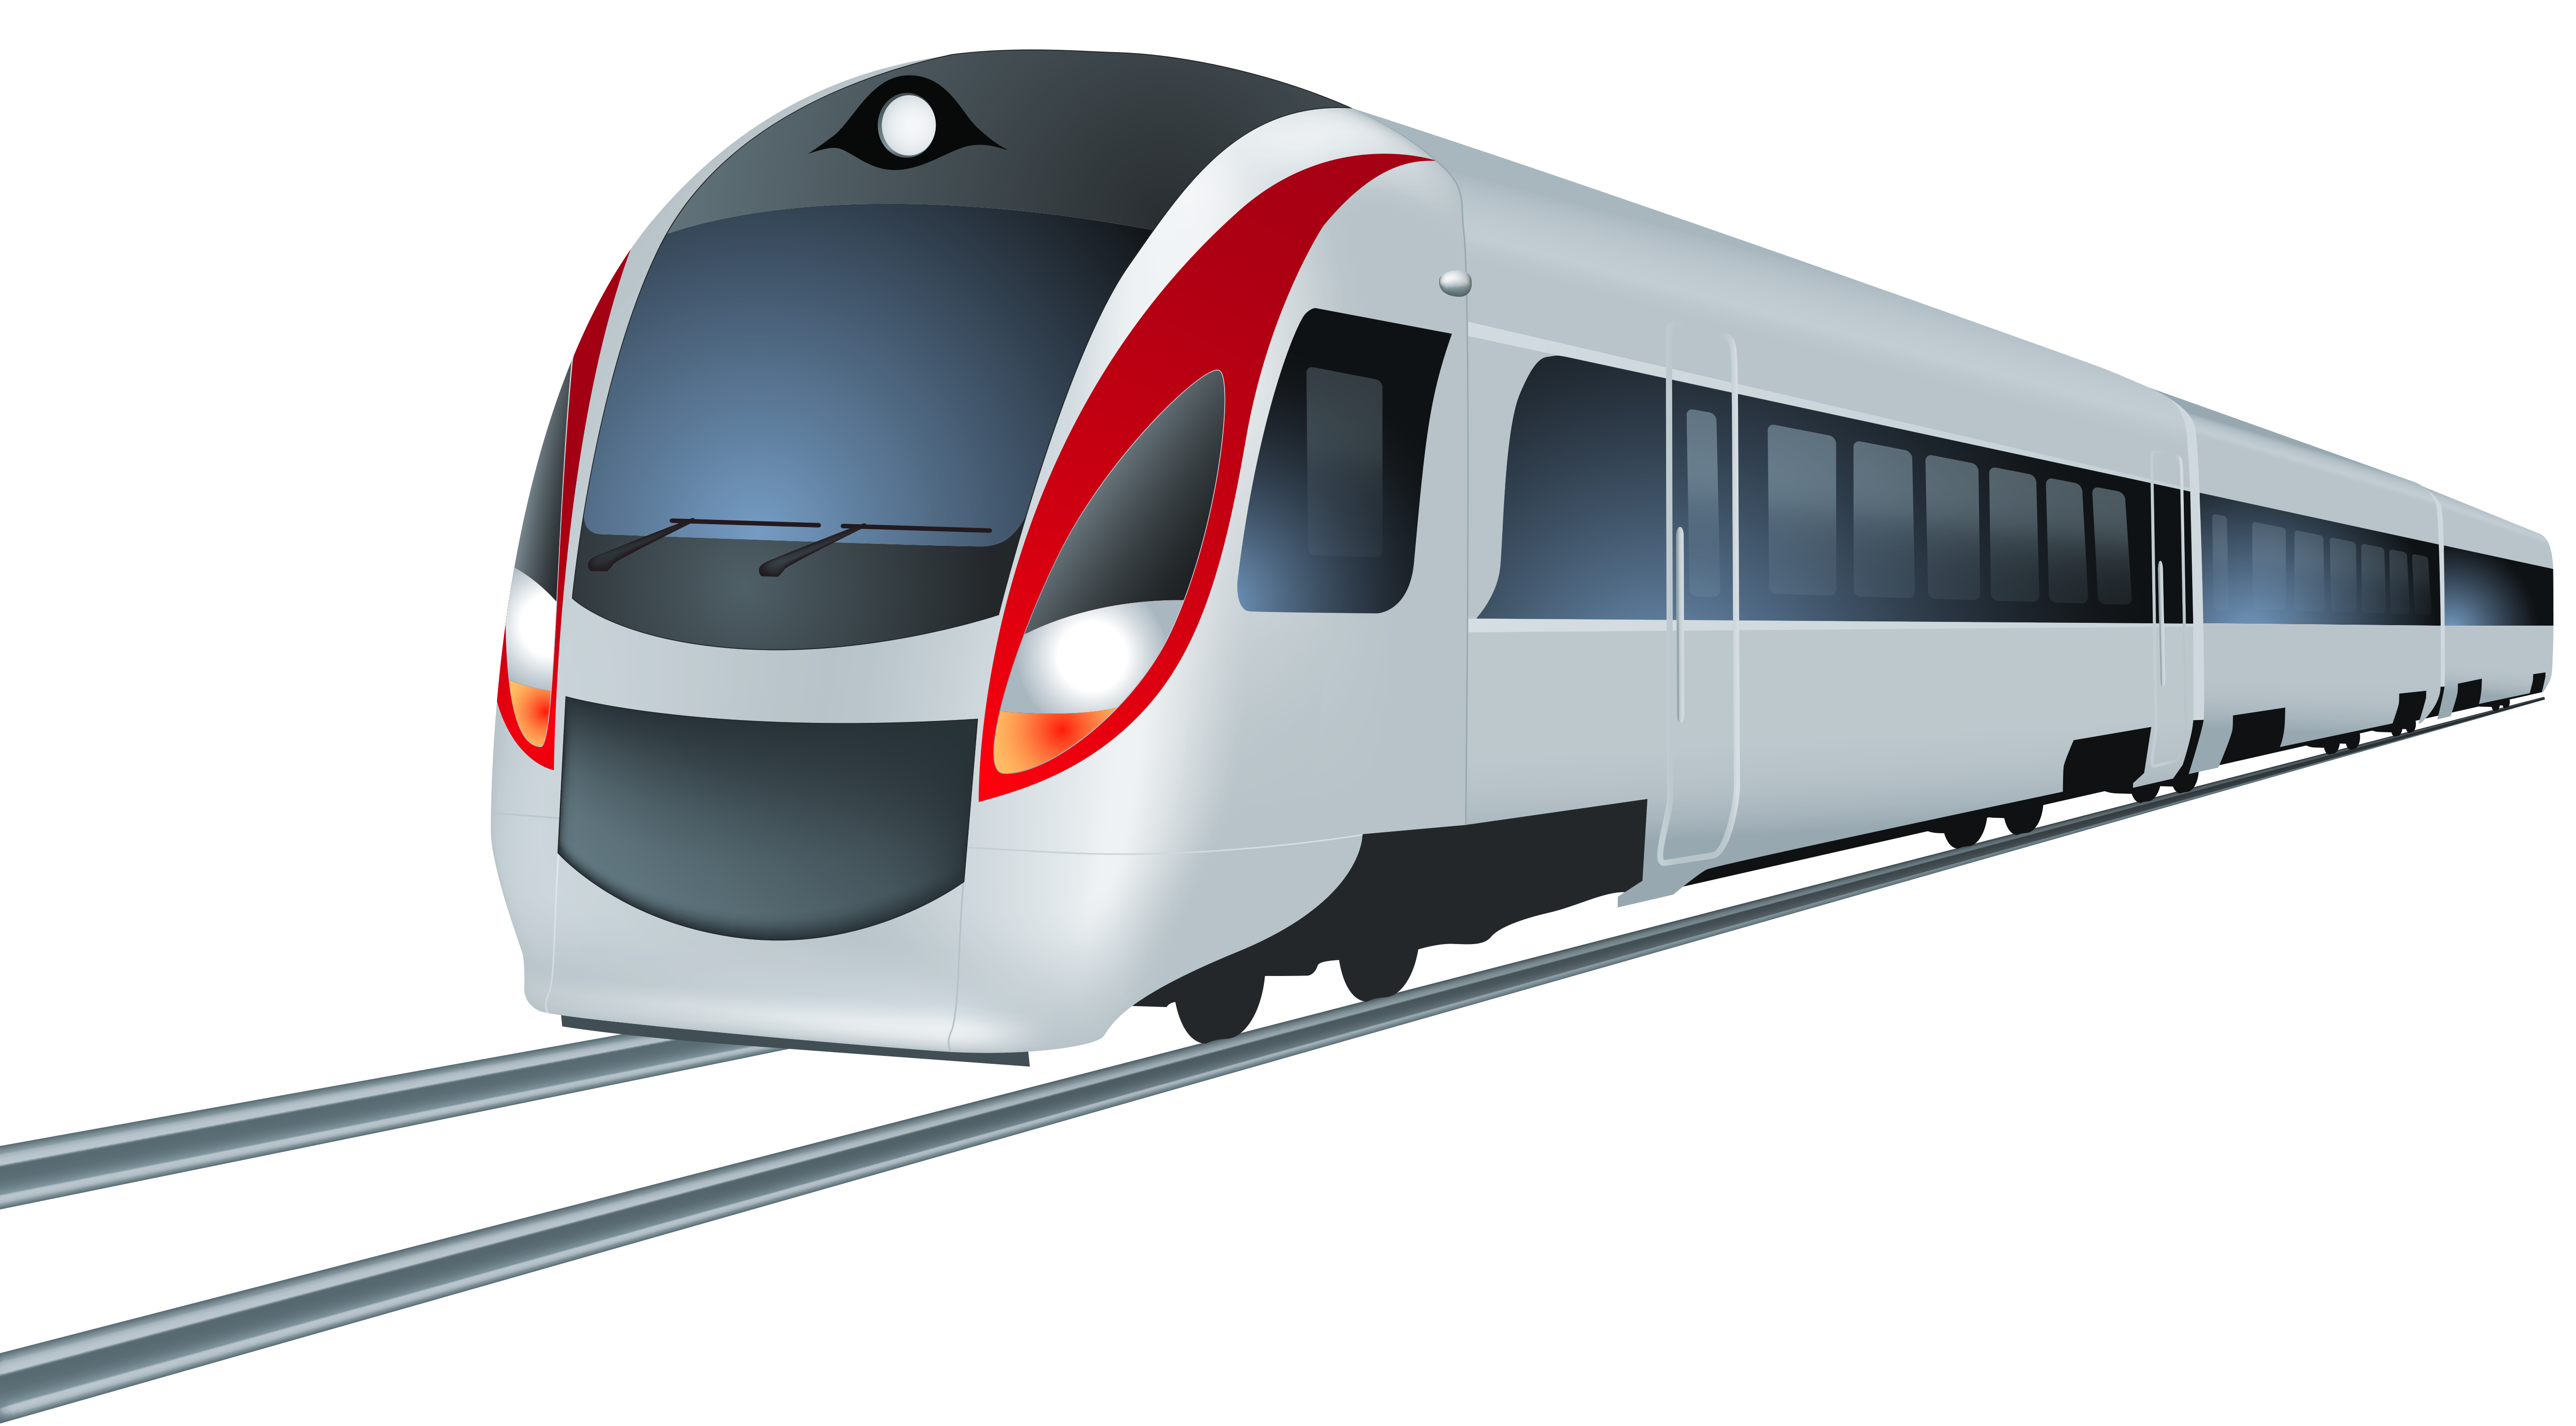 PNG HD Train - 123425